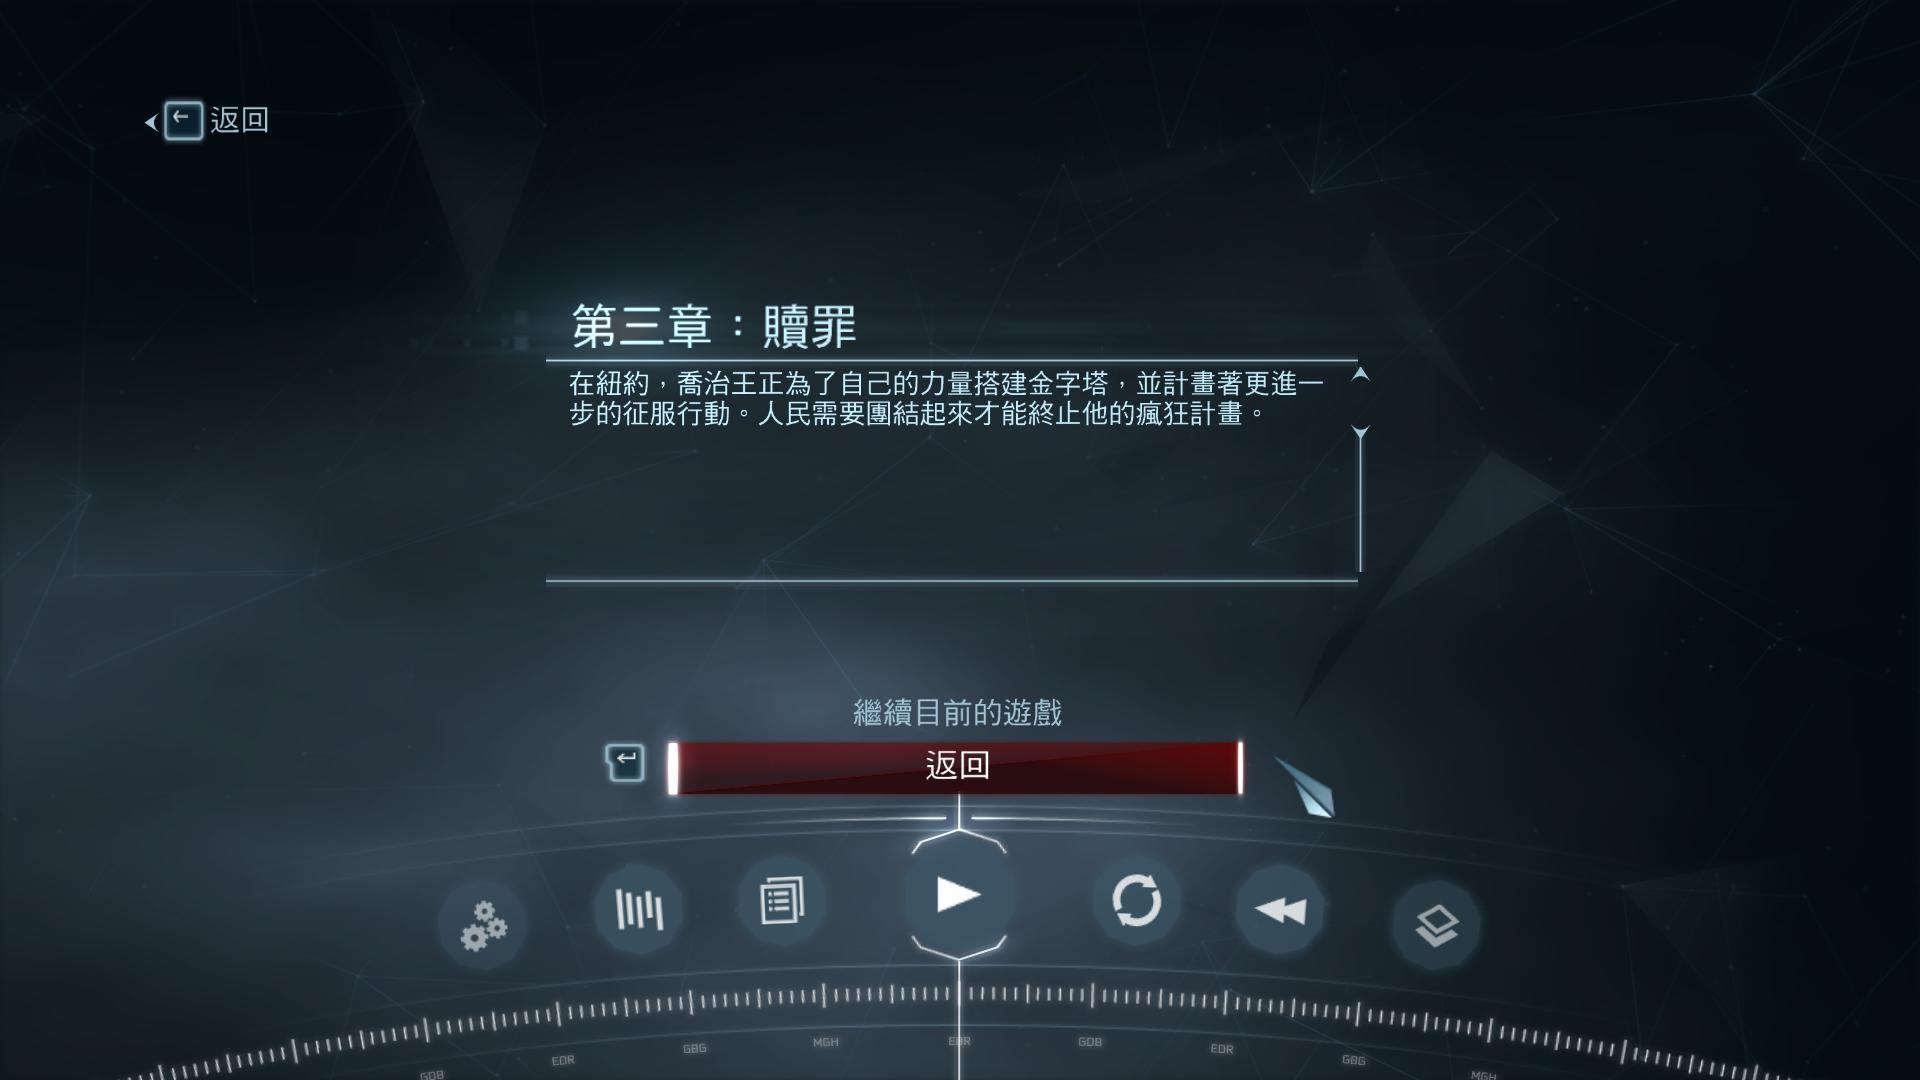 《刺客信条3》中文版截图